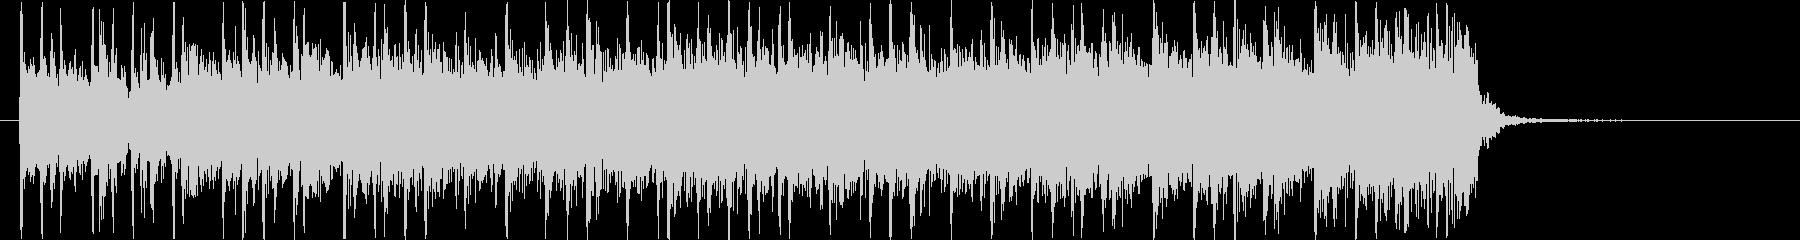 激しいドラムとシンセベースのロックBGMの未再生の波形